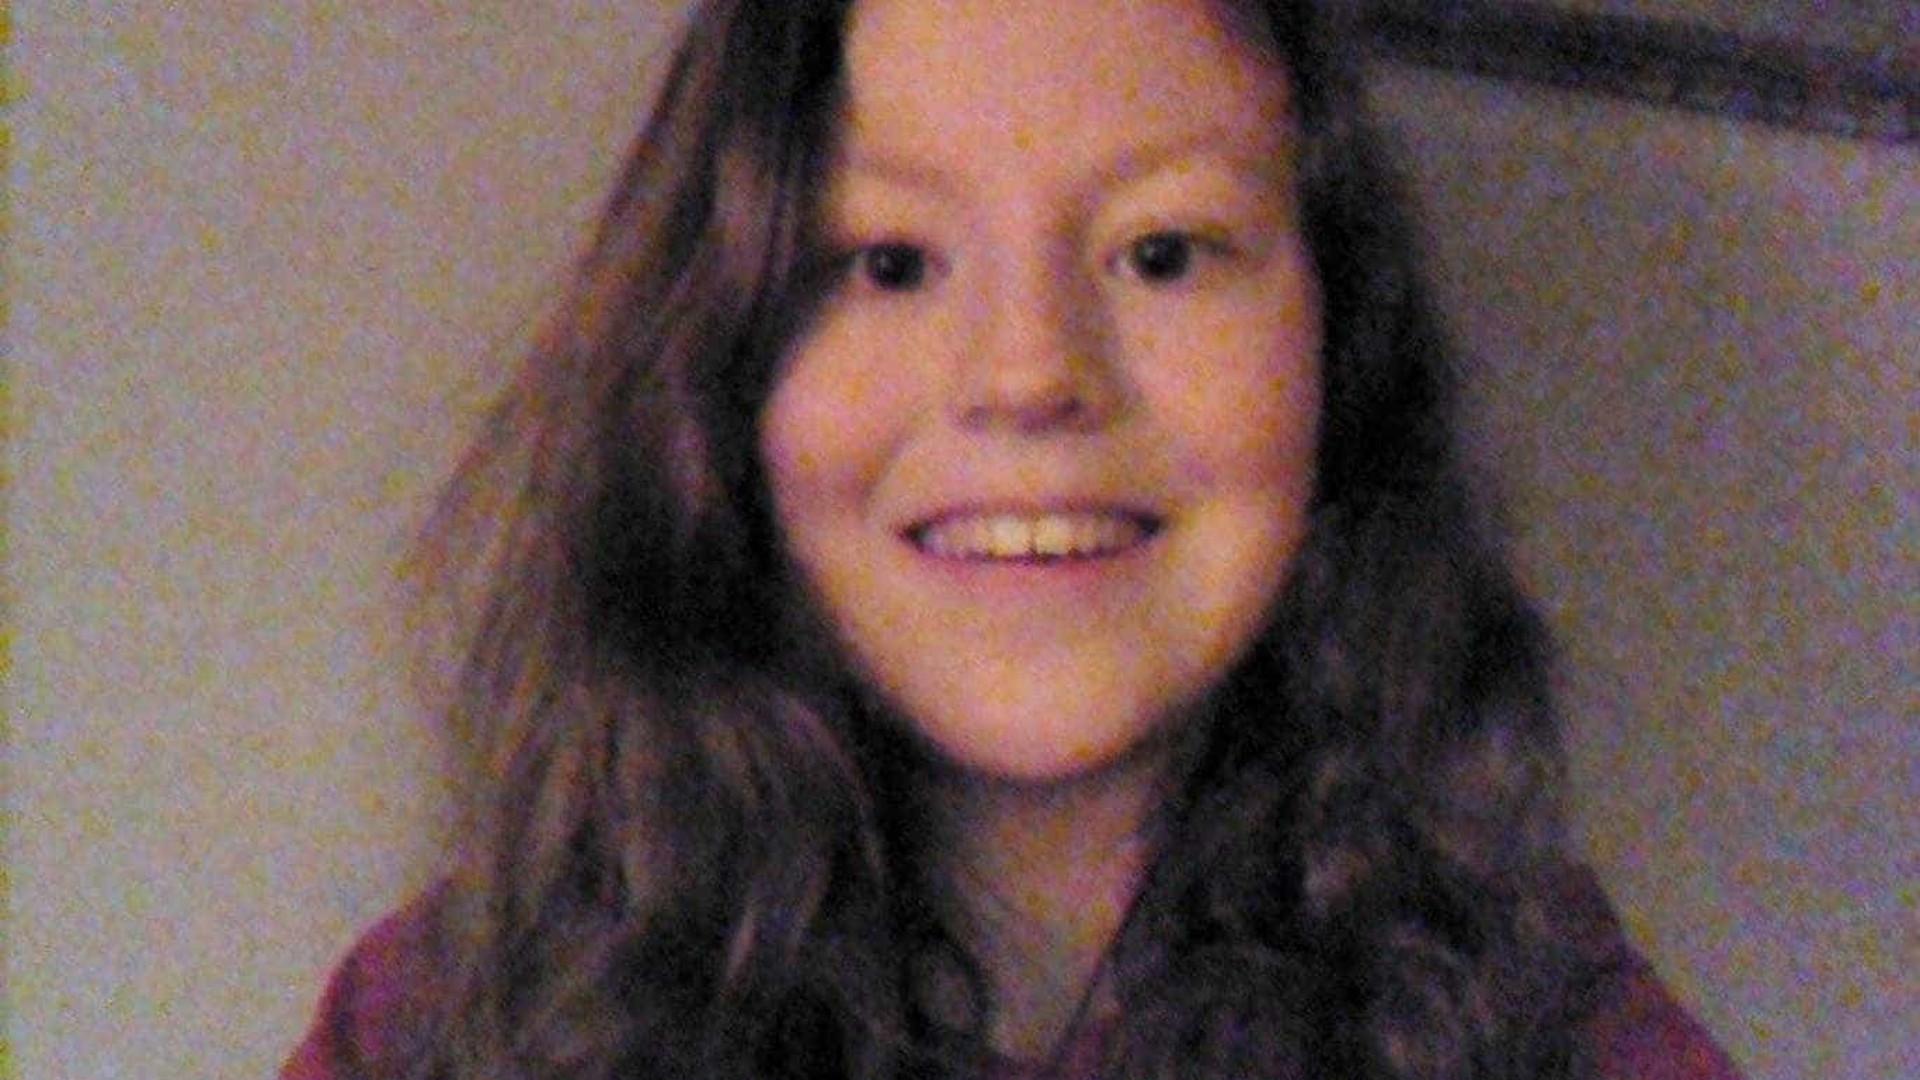 Jovem de 15 anos confessa duplo homicídio. Matou mãe e filha